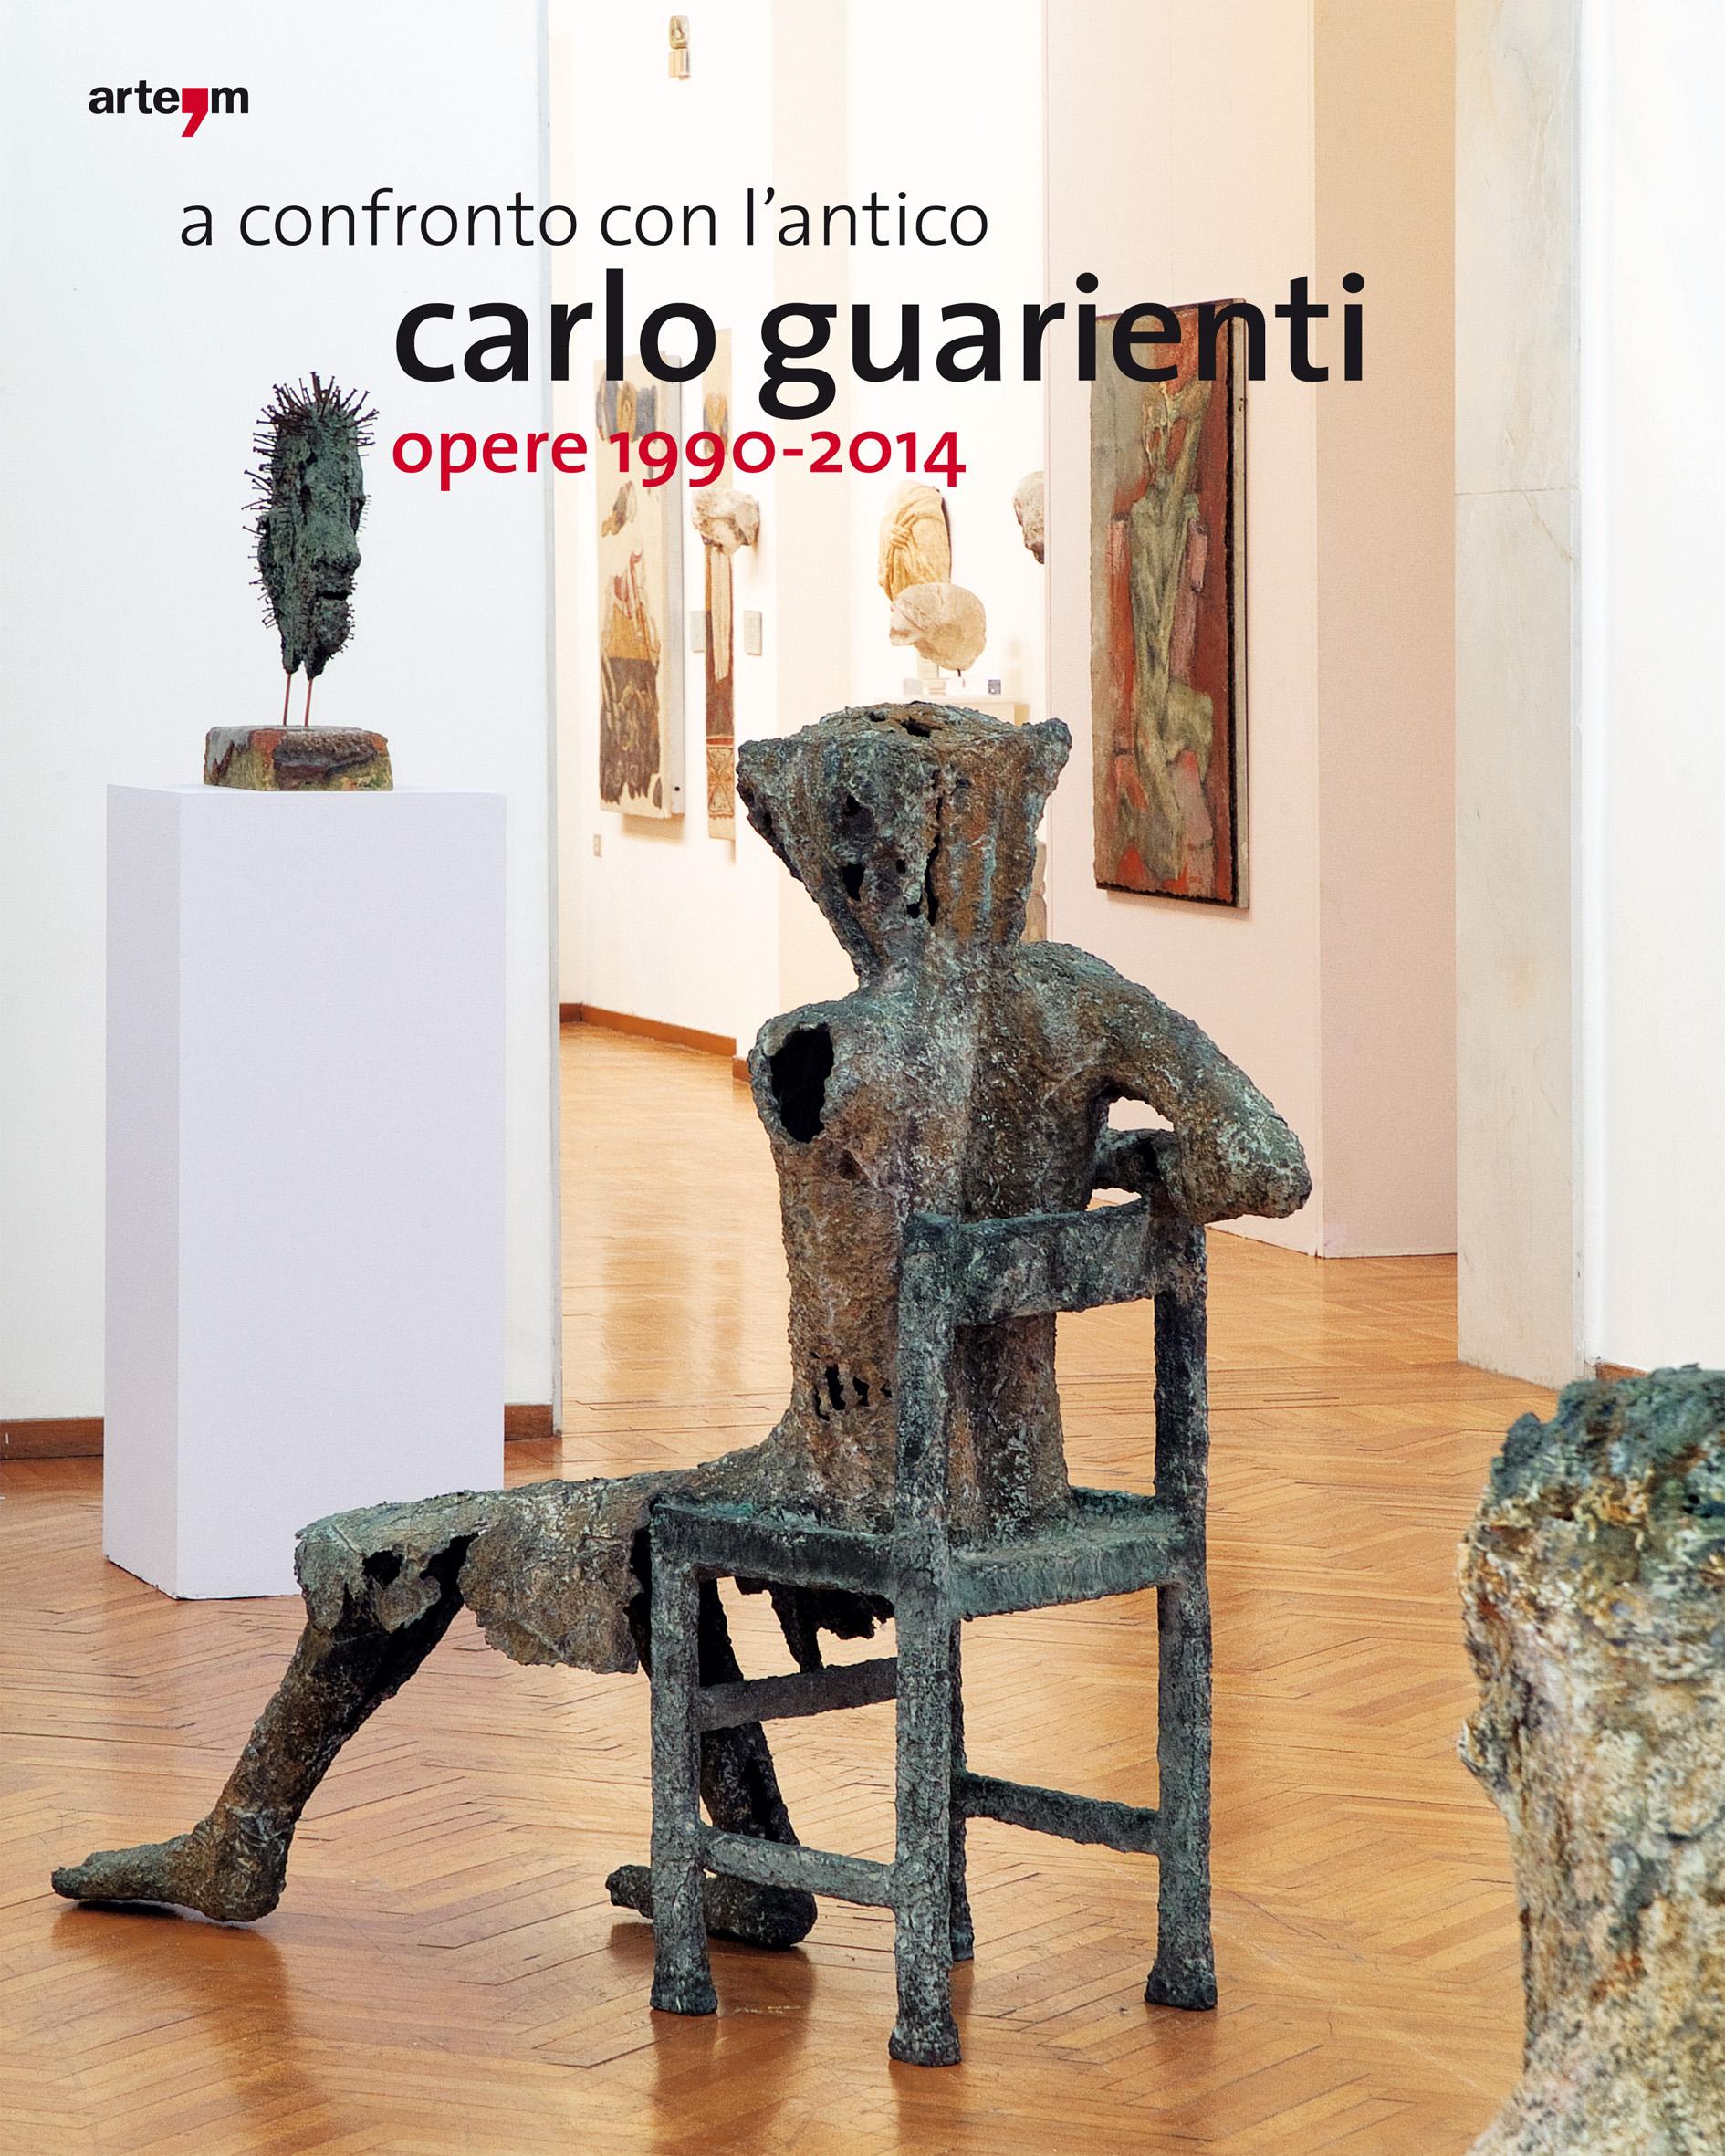 A confronto con l'antico – Carlo Guarienti, Opere 1990-2014